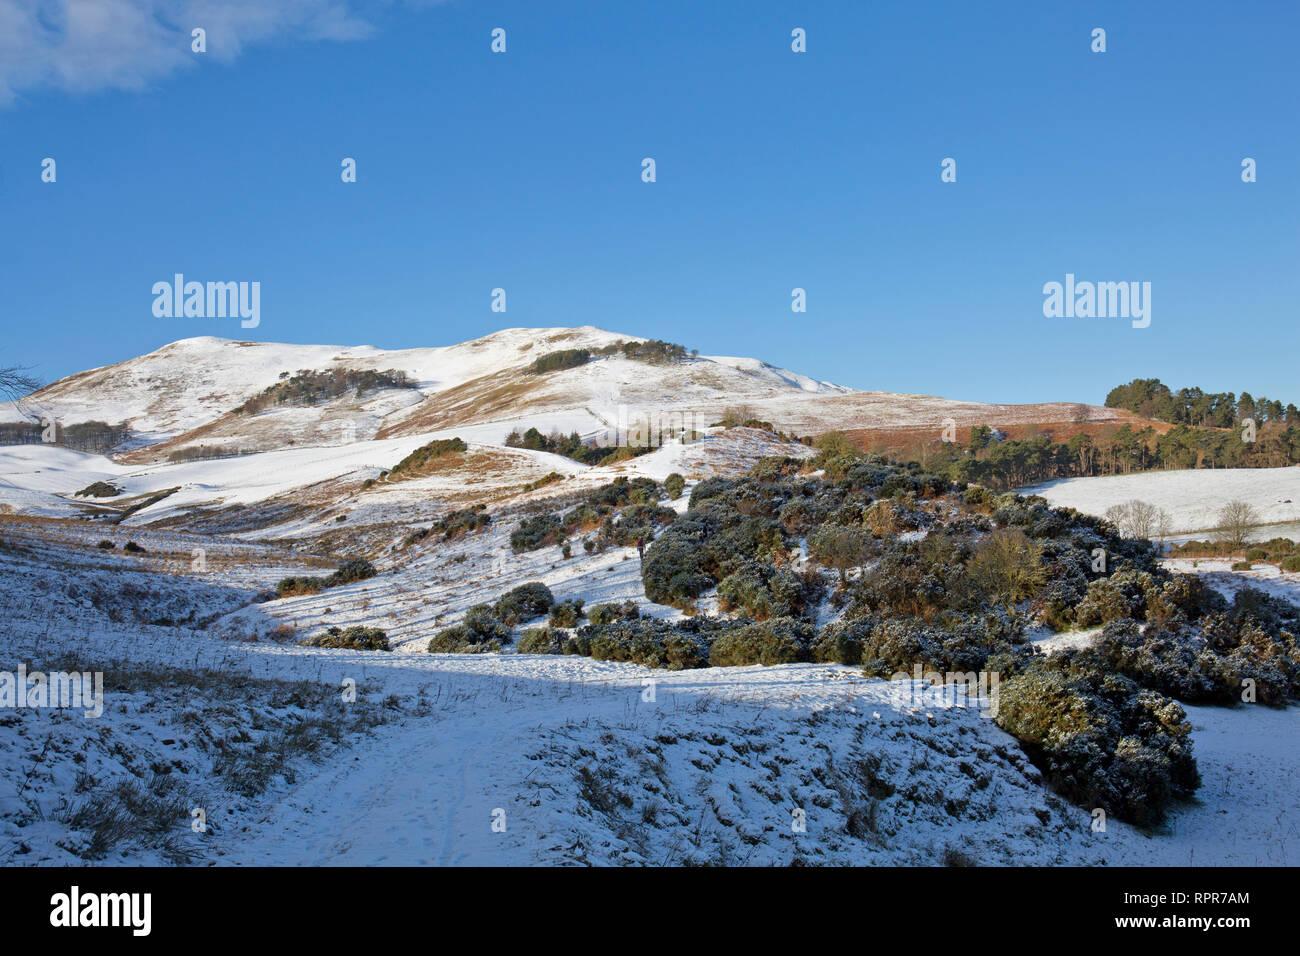 Scald Law, The pentland Hills, Midlothian, Scotland - Stock Image